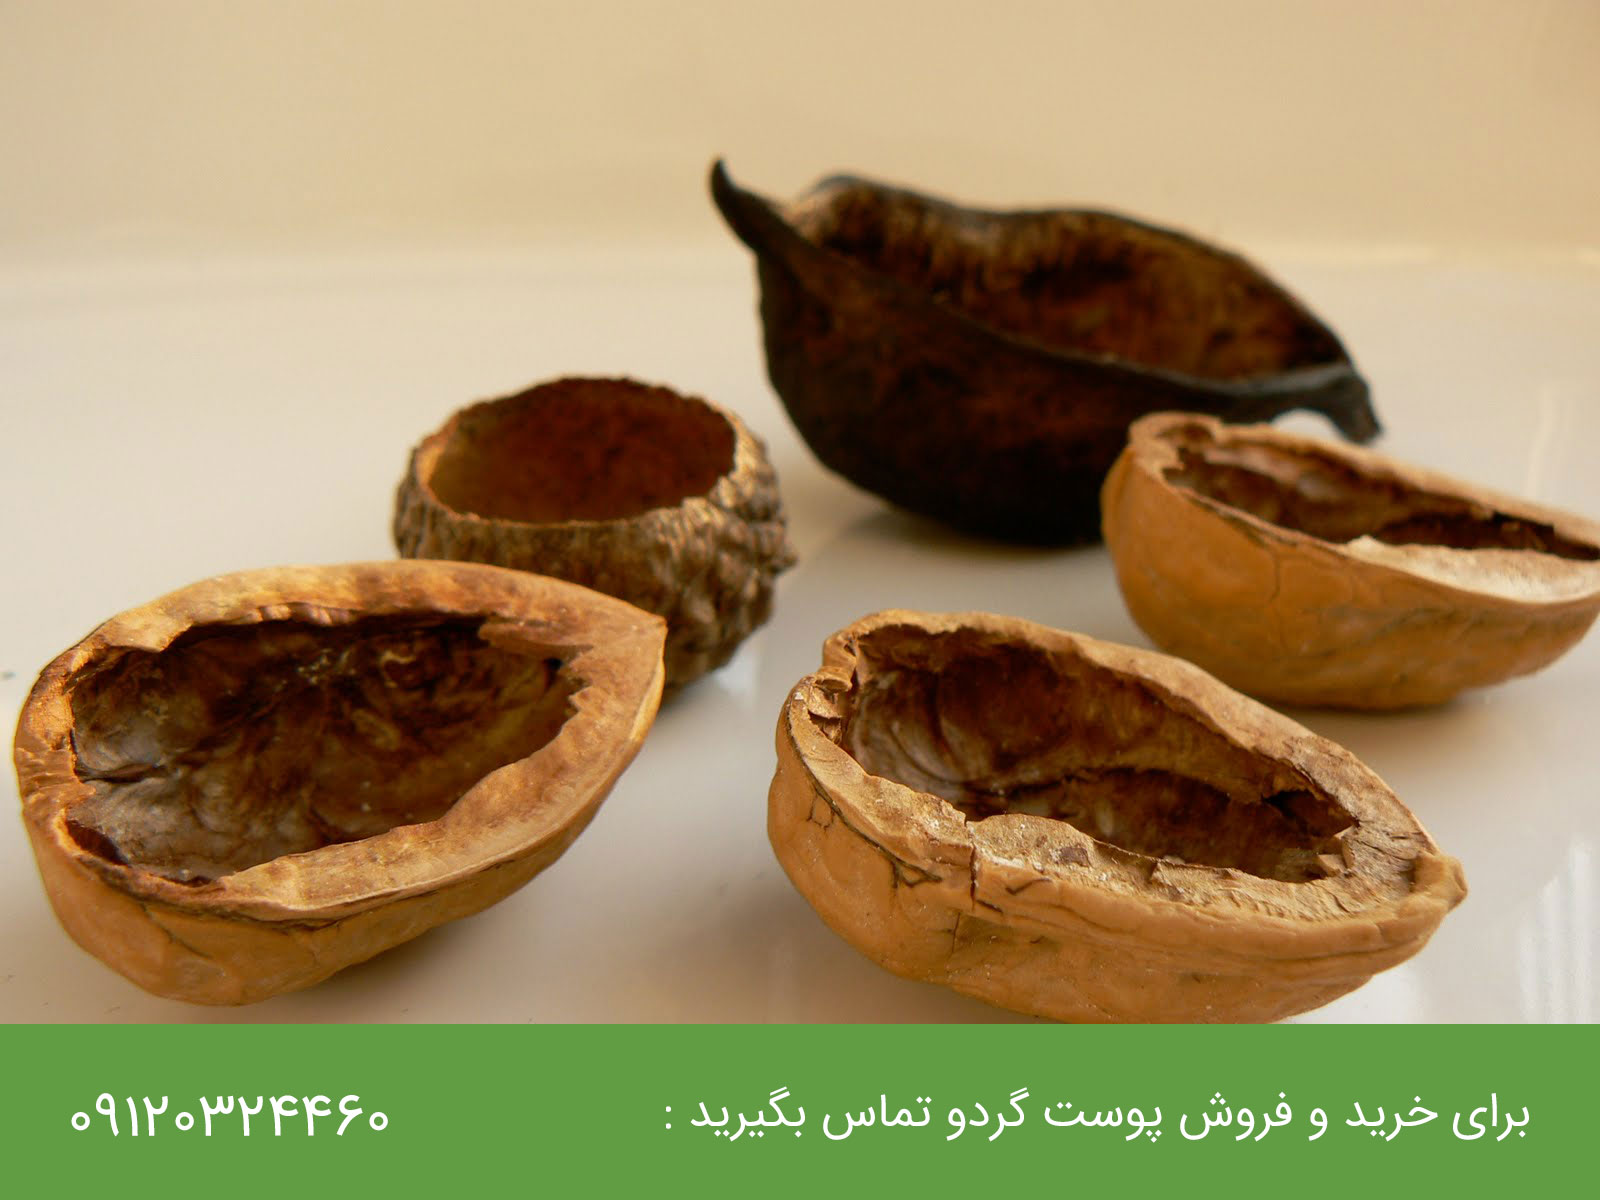 خواص پوست گردو : خاصیت پوست سبز گردو و پوست چوبی گردو